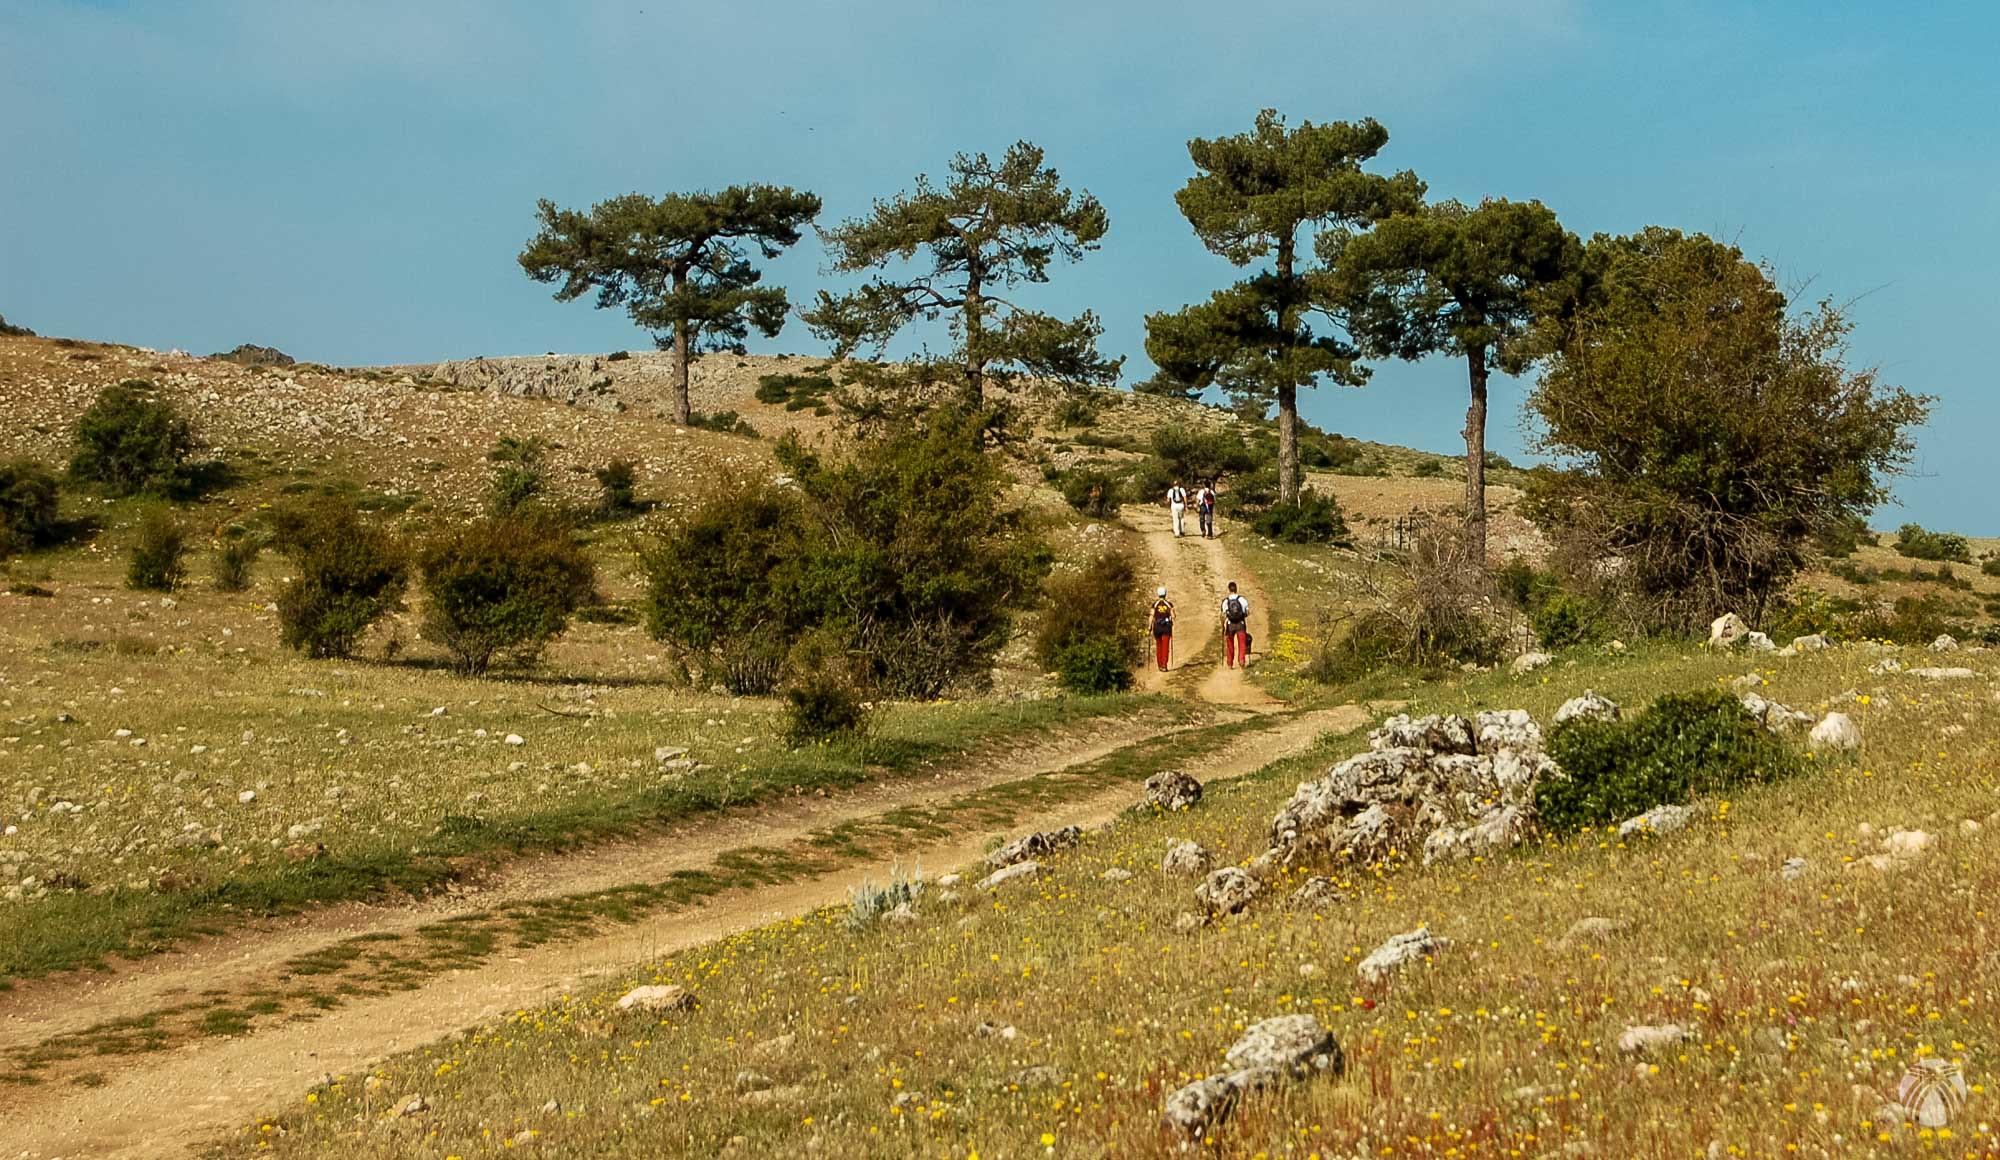 Comenzamos caminando por el camino de los miradores desde Fuente Segura